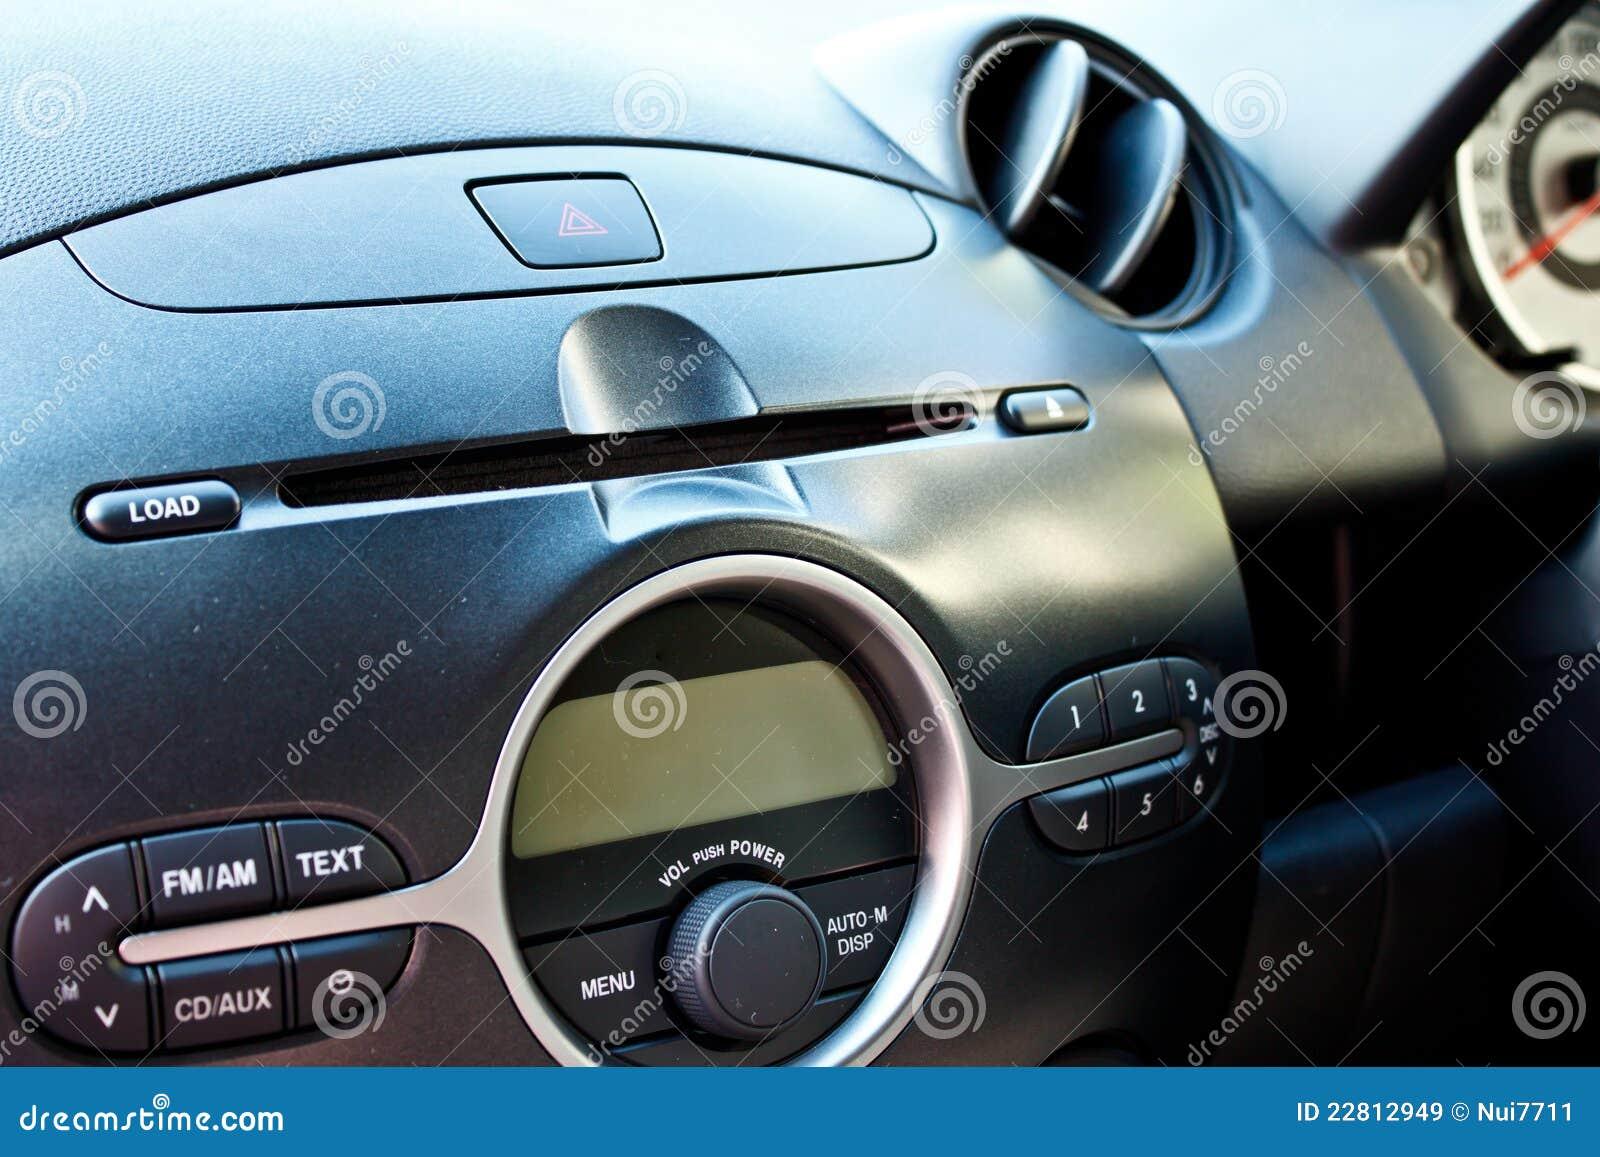 Audio samochodowy pulpit operatora